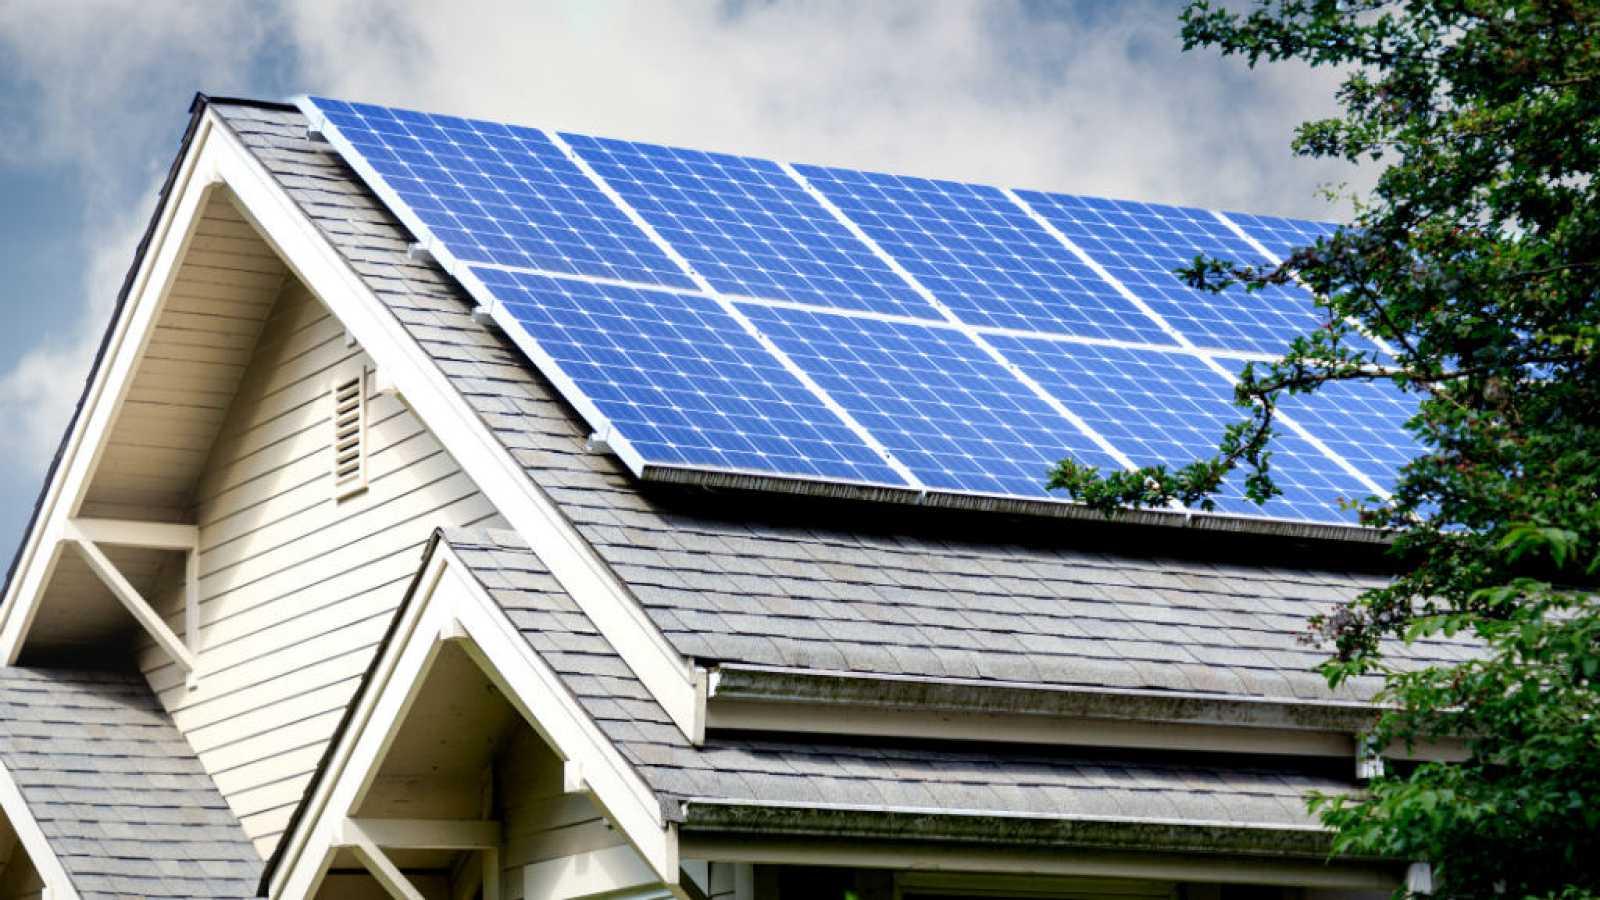 Vida verda/Emergència climàtica - Transició energètica per a les persones, no per fer negocis